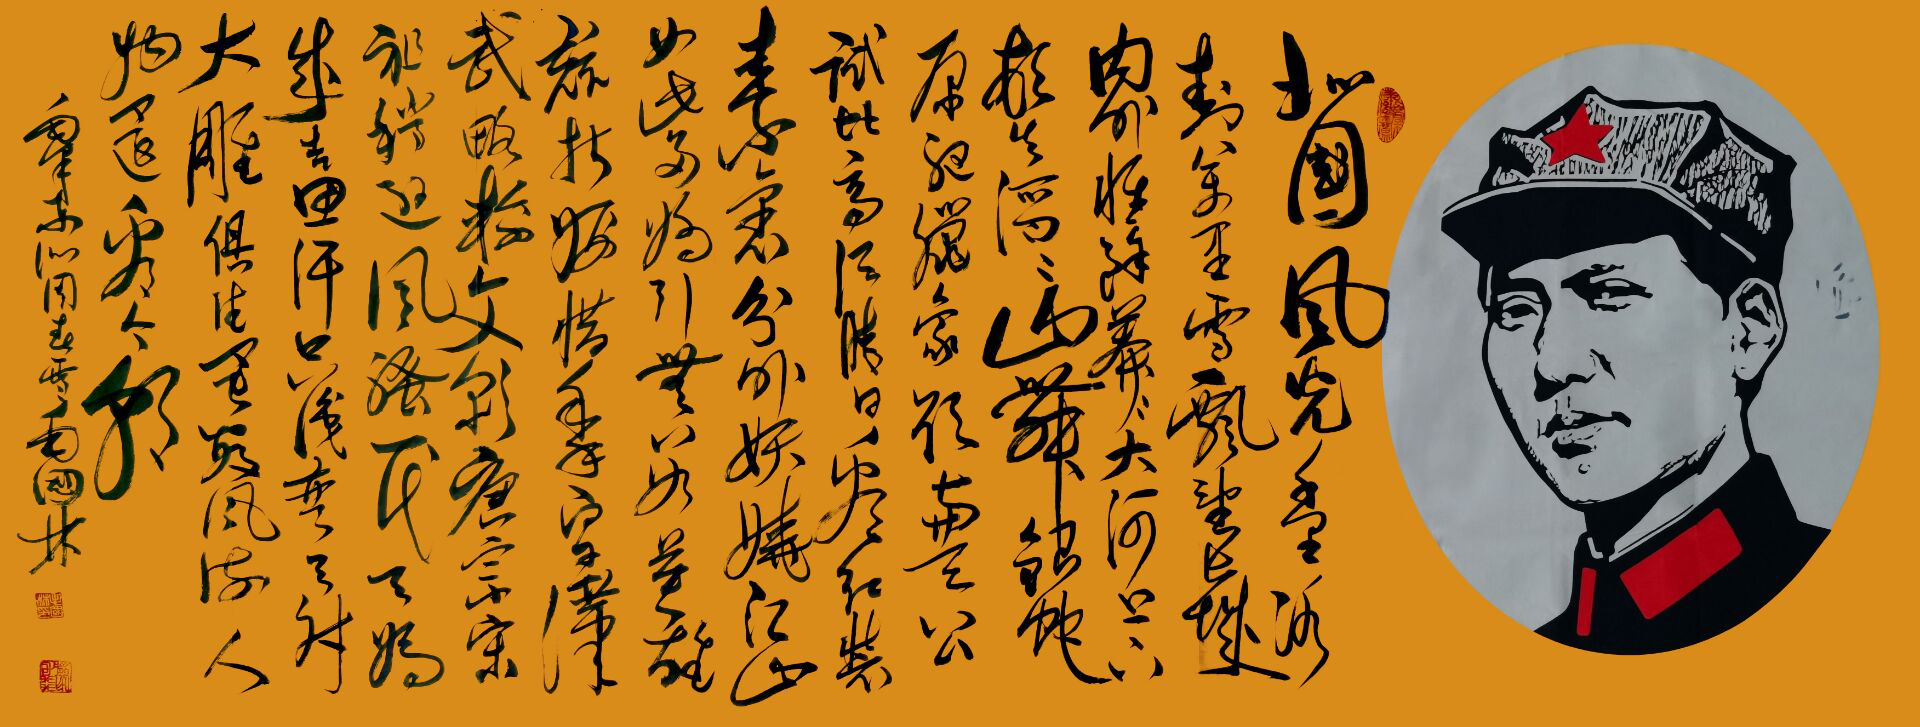 性素摹毛体,纸宣上留痕——毛体书法家毛国林访谈记